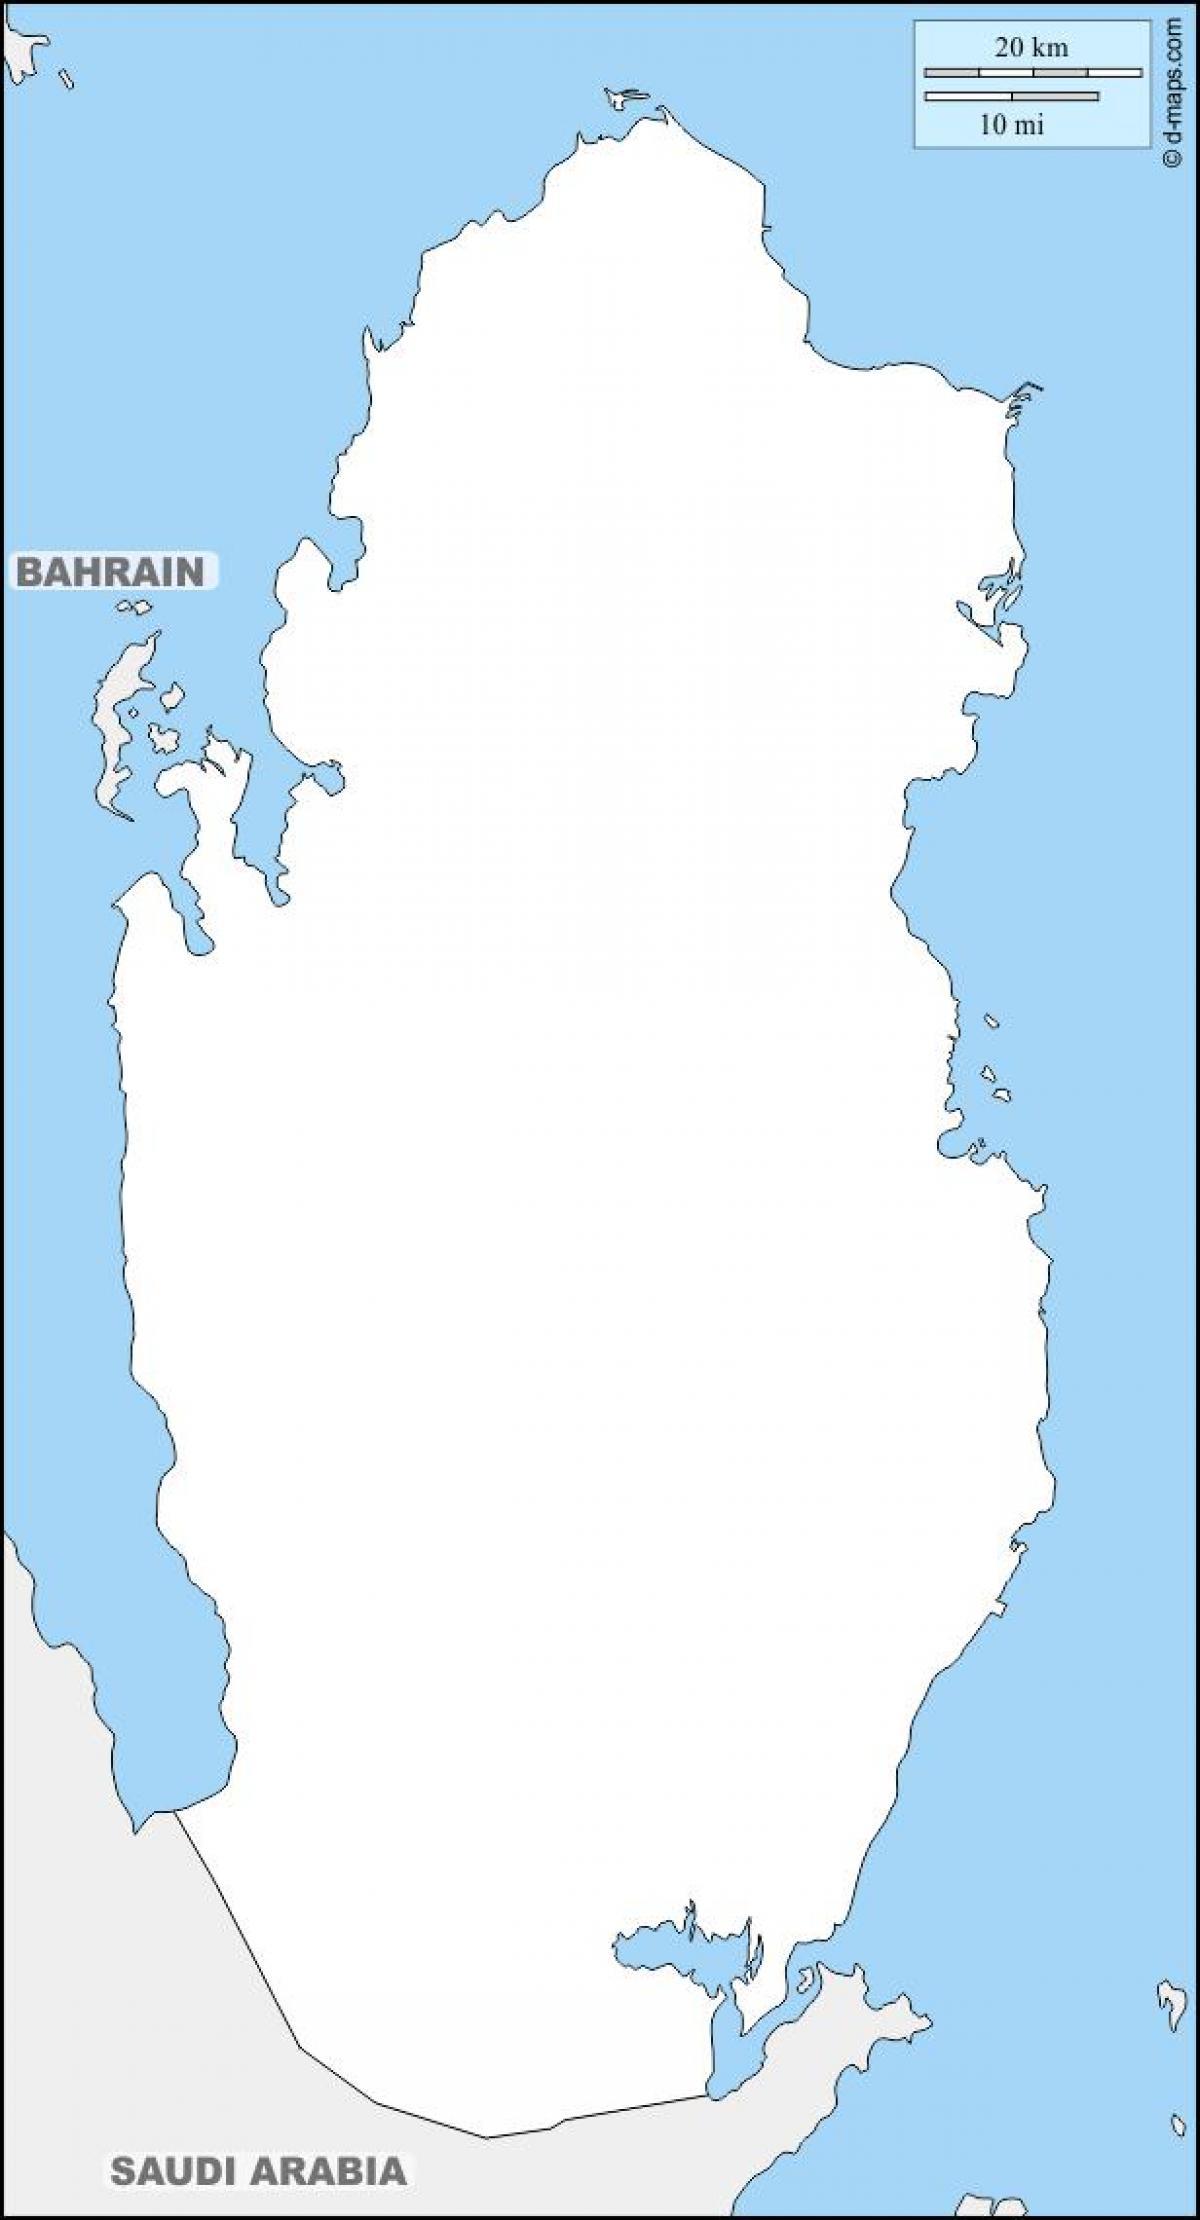 قطر خريطة مخطط خريطة قطر مخطط غرب آسيا آسيا